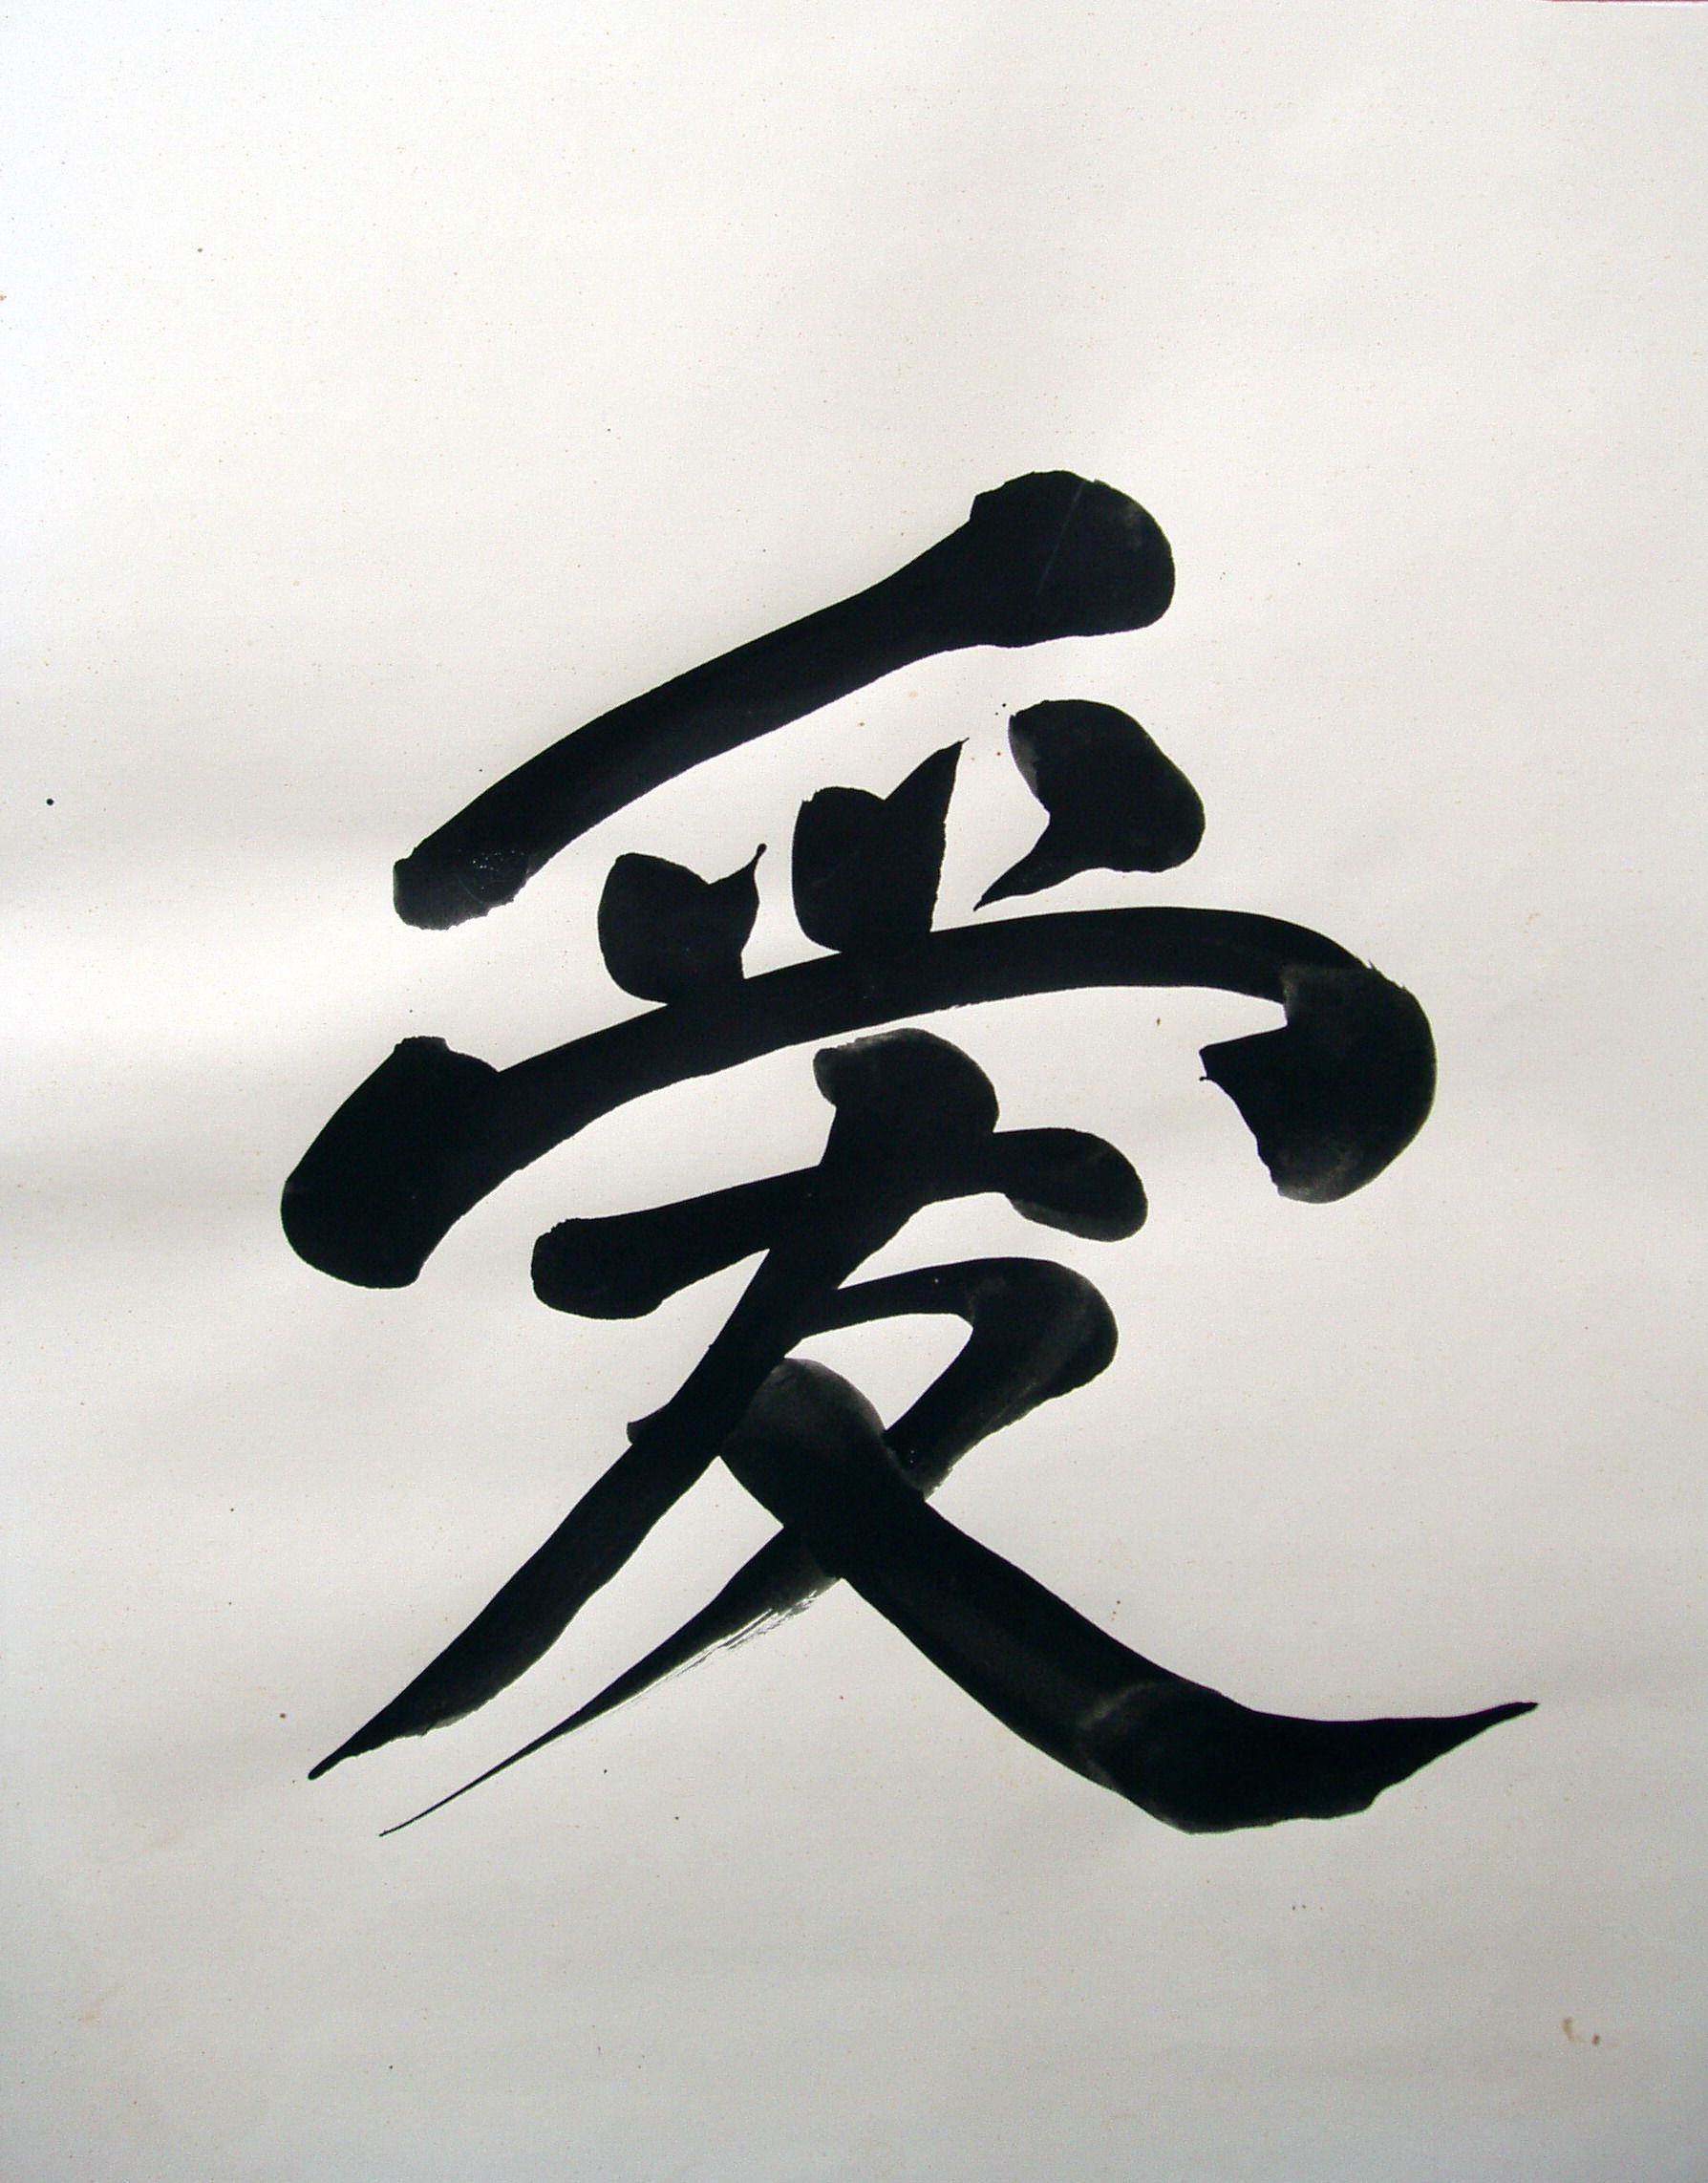 падали китайский иероглиф картинка для тату представлены фото